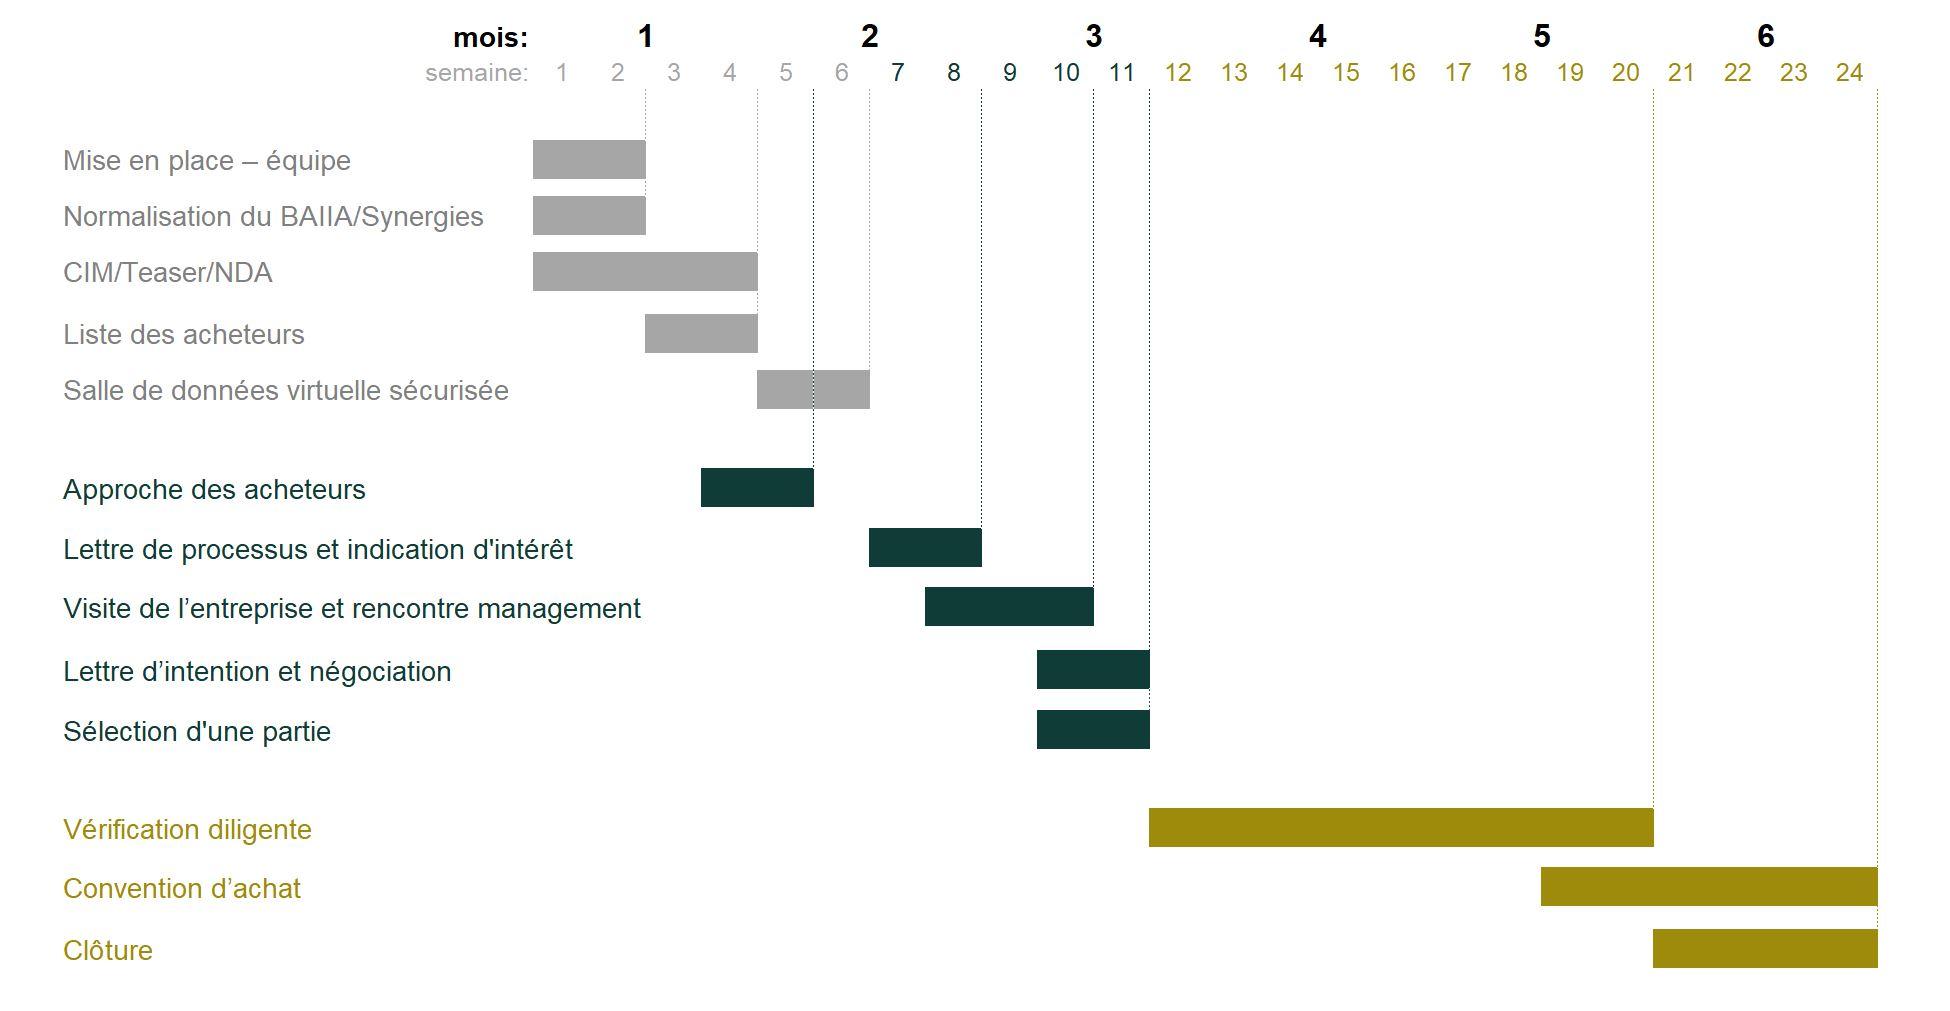 Les étapes d'un processus structuré de vente d'entreprise